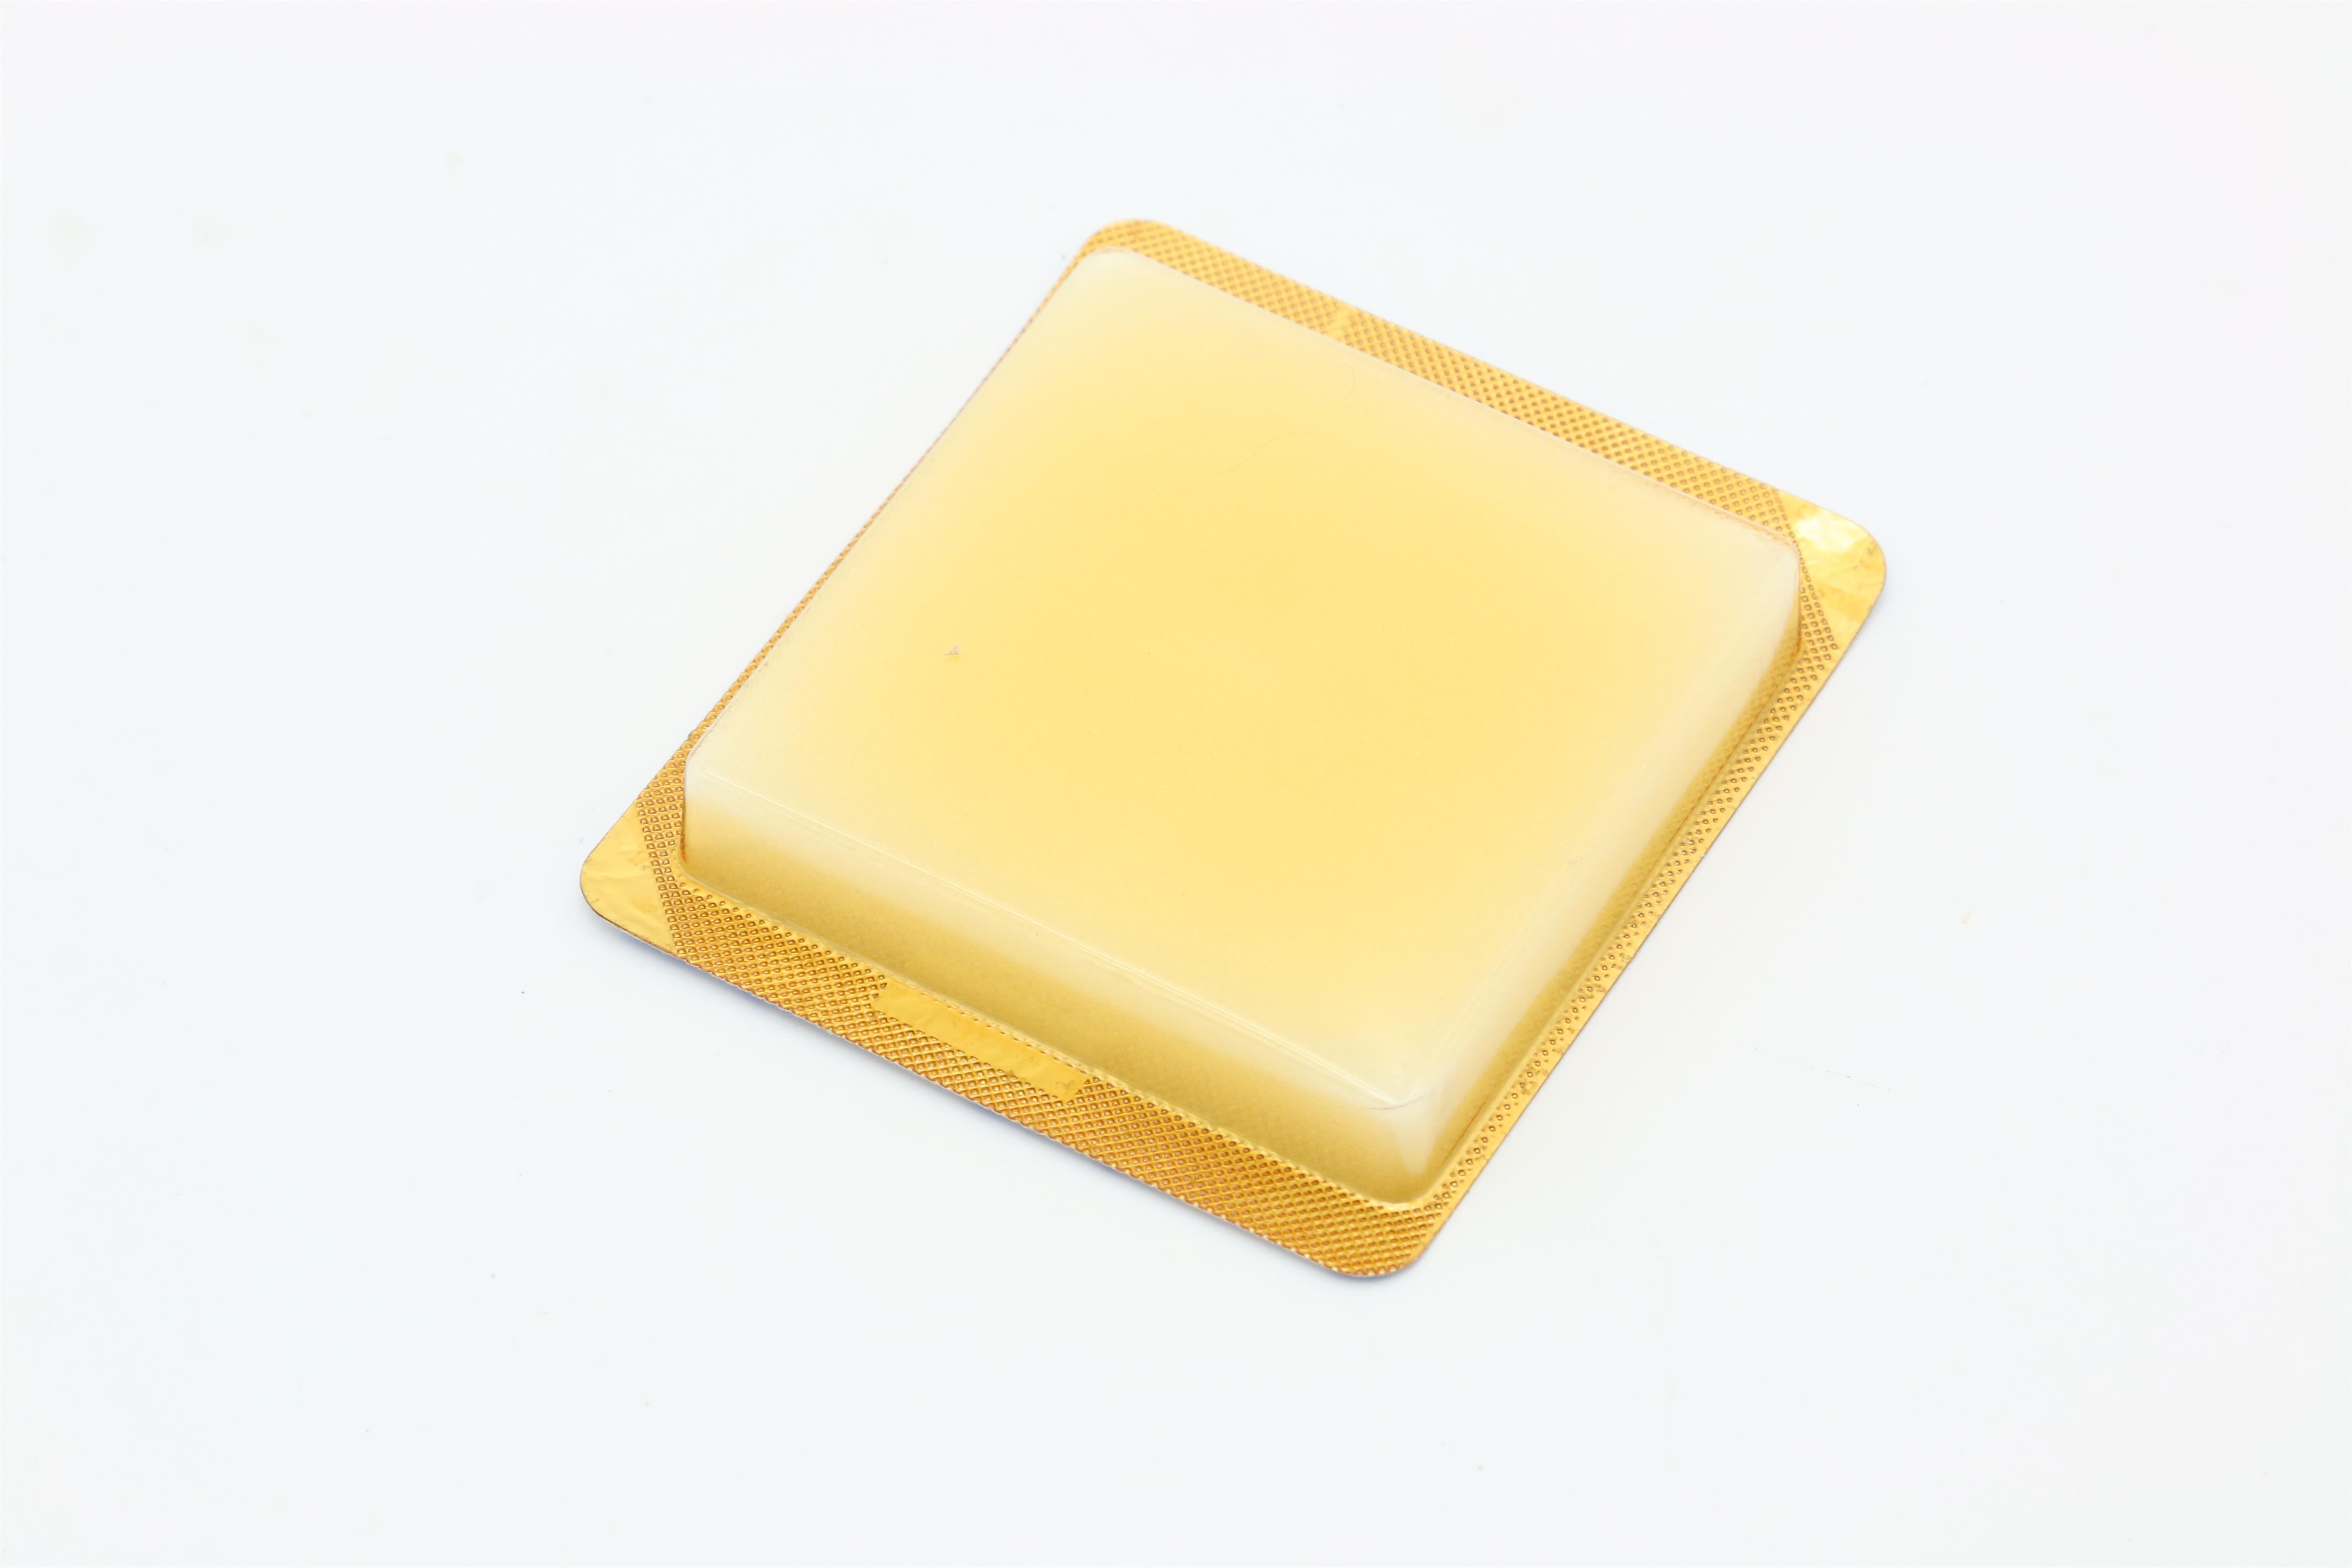 吸收性明胶海绵 C型